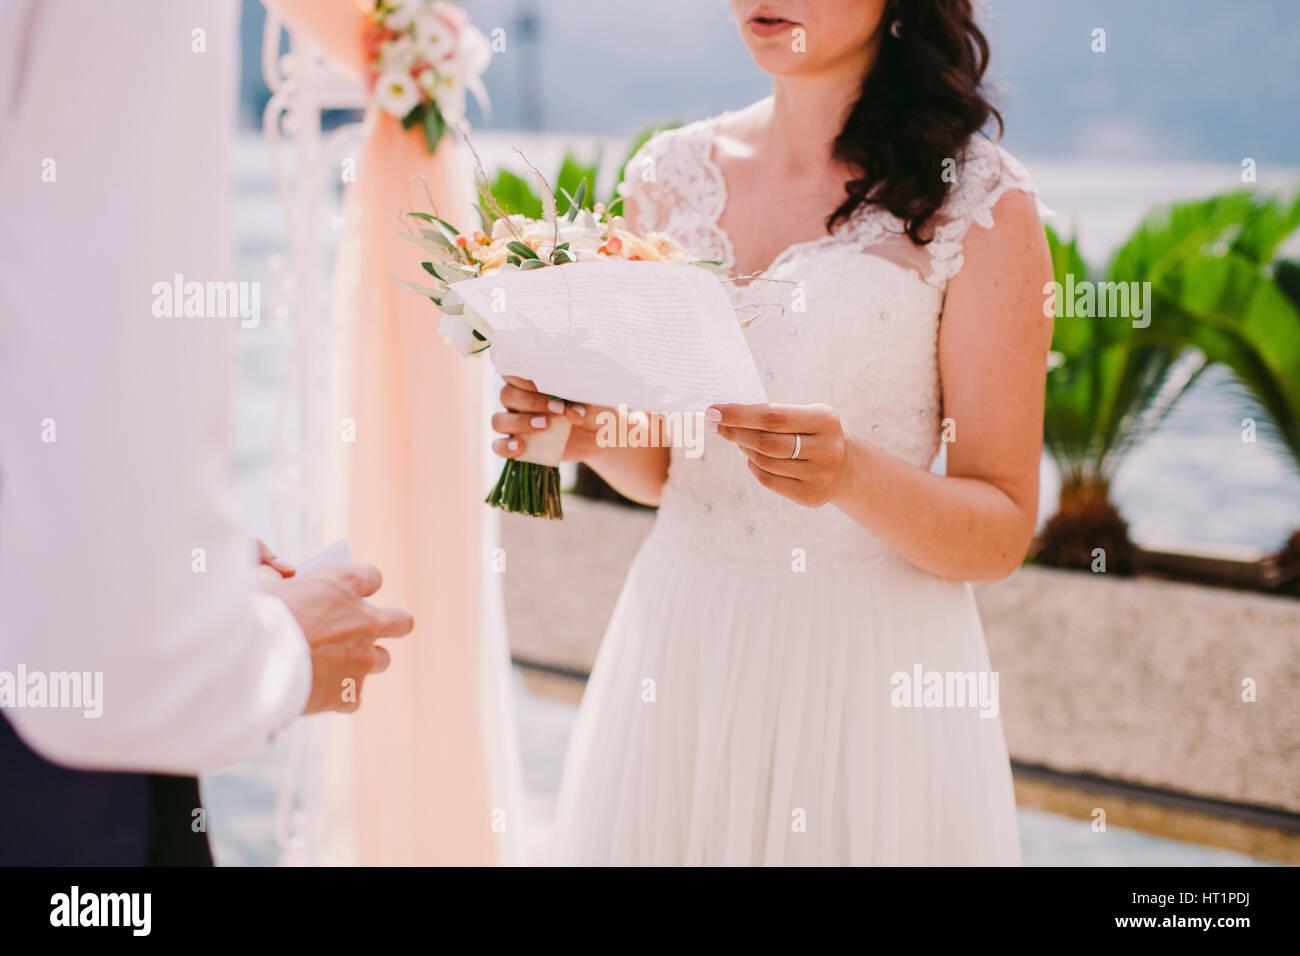 Bride Reading Wedding Vows Ceremony